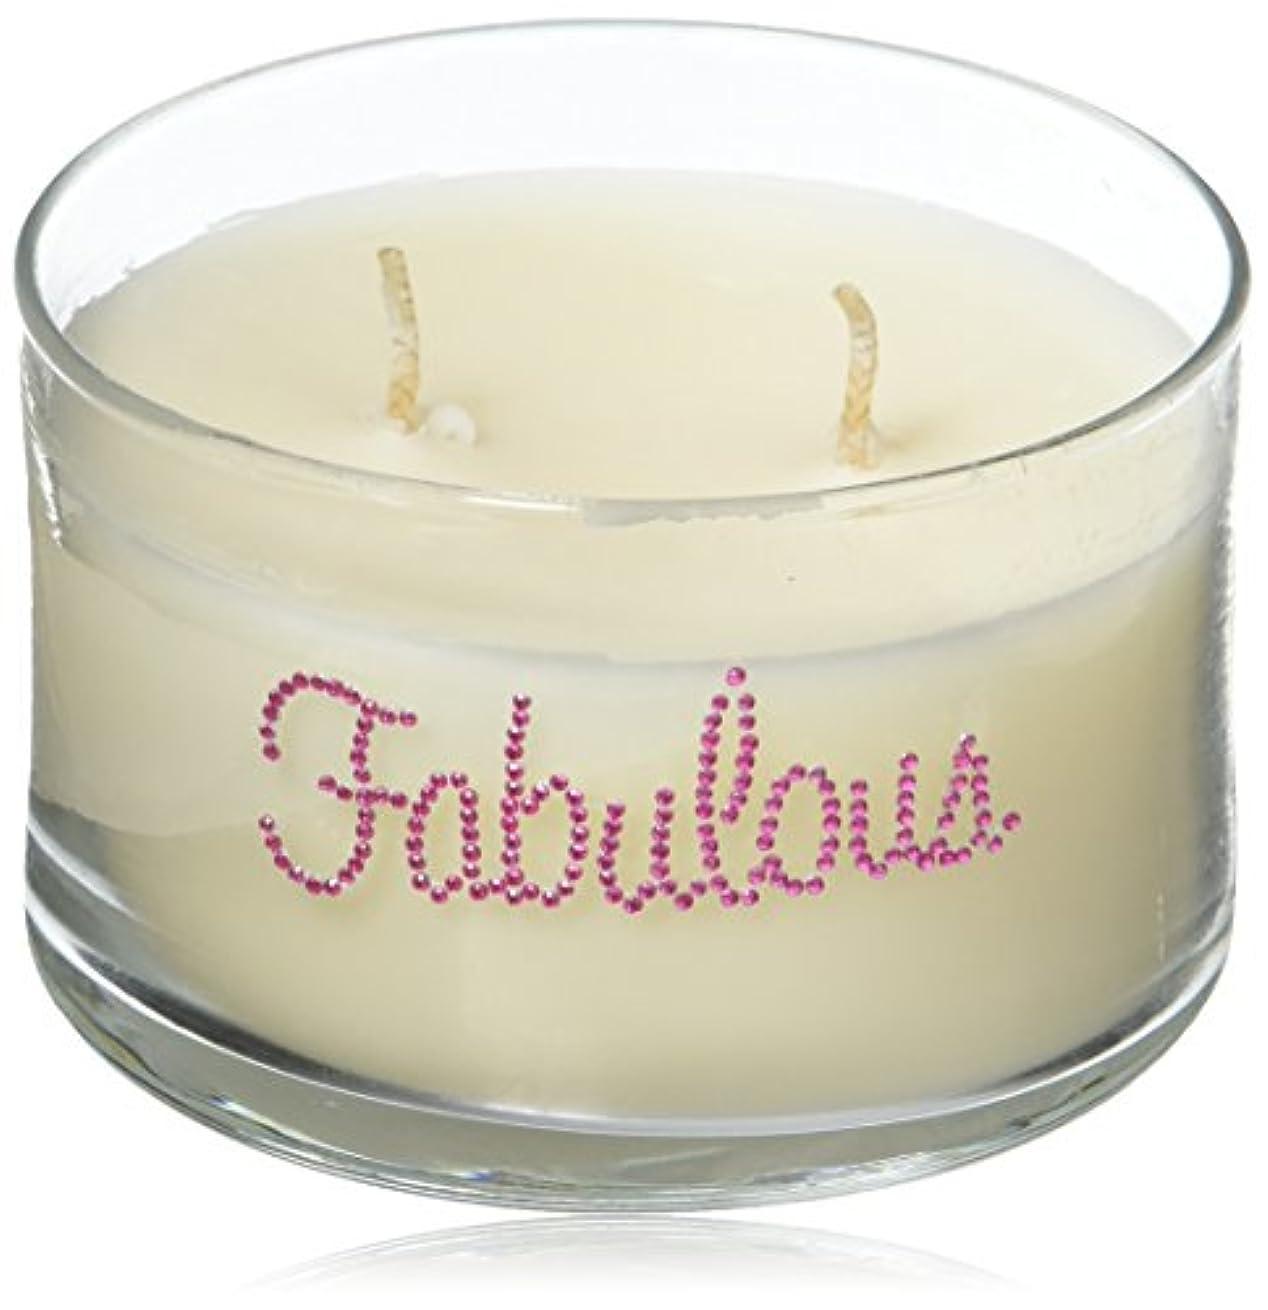 シーン過激派米国Primal Elements WCFAB Wish Candle44; Fabulous - 9.5 oz.